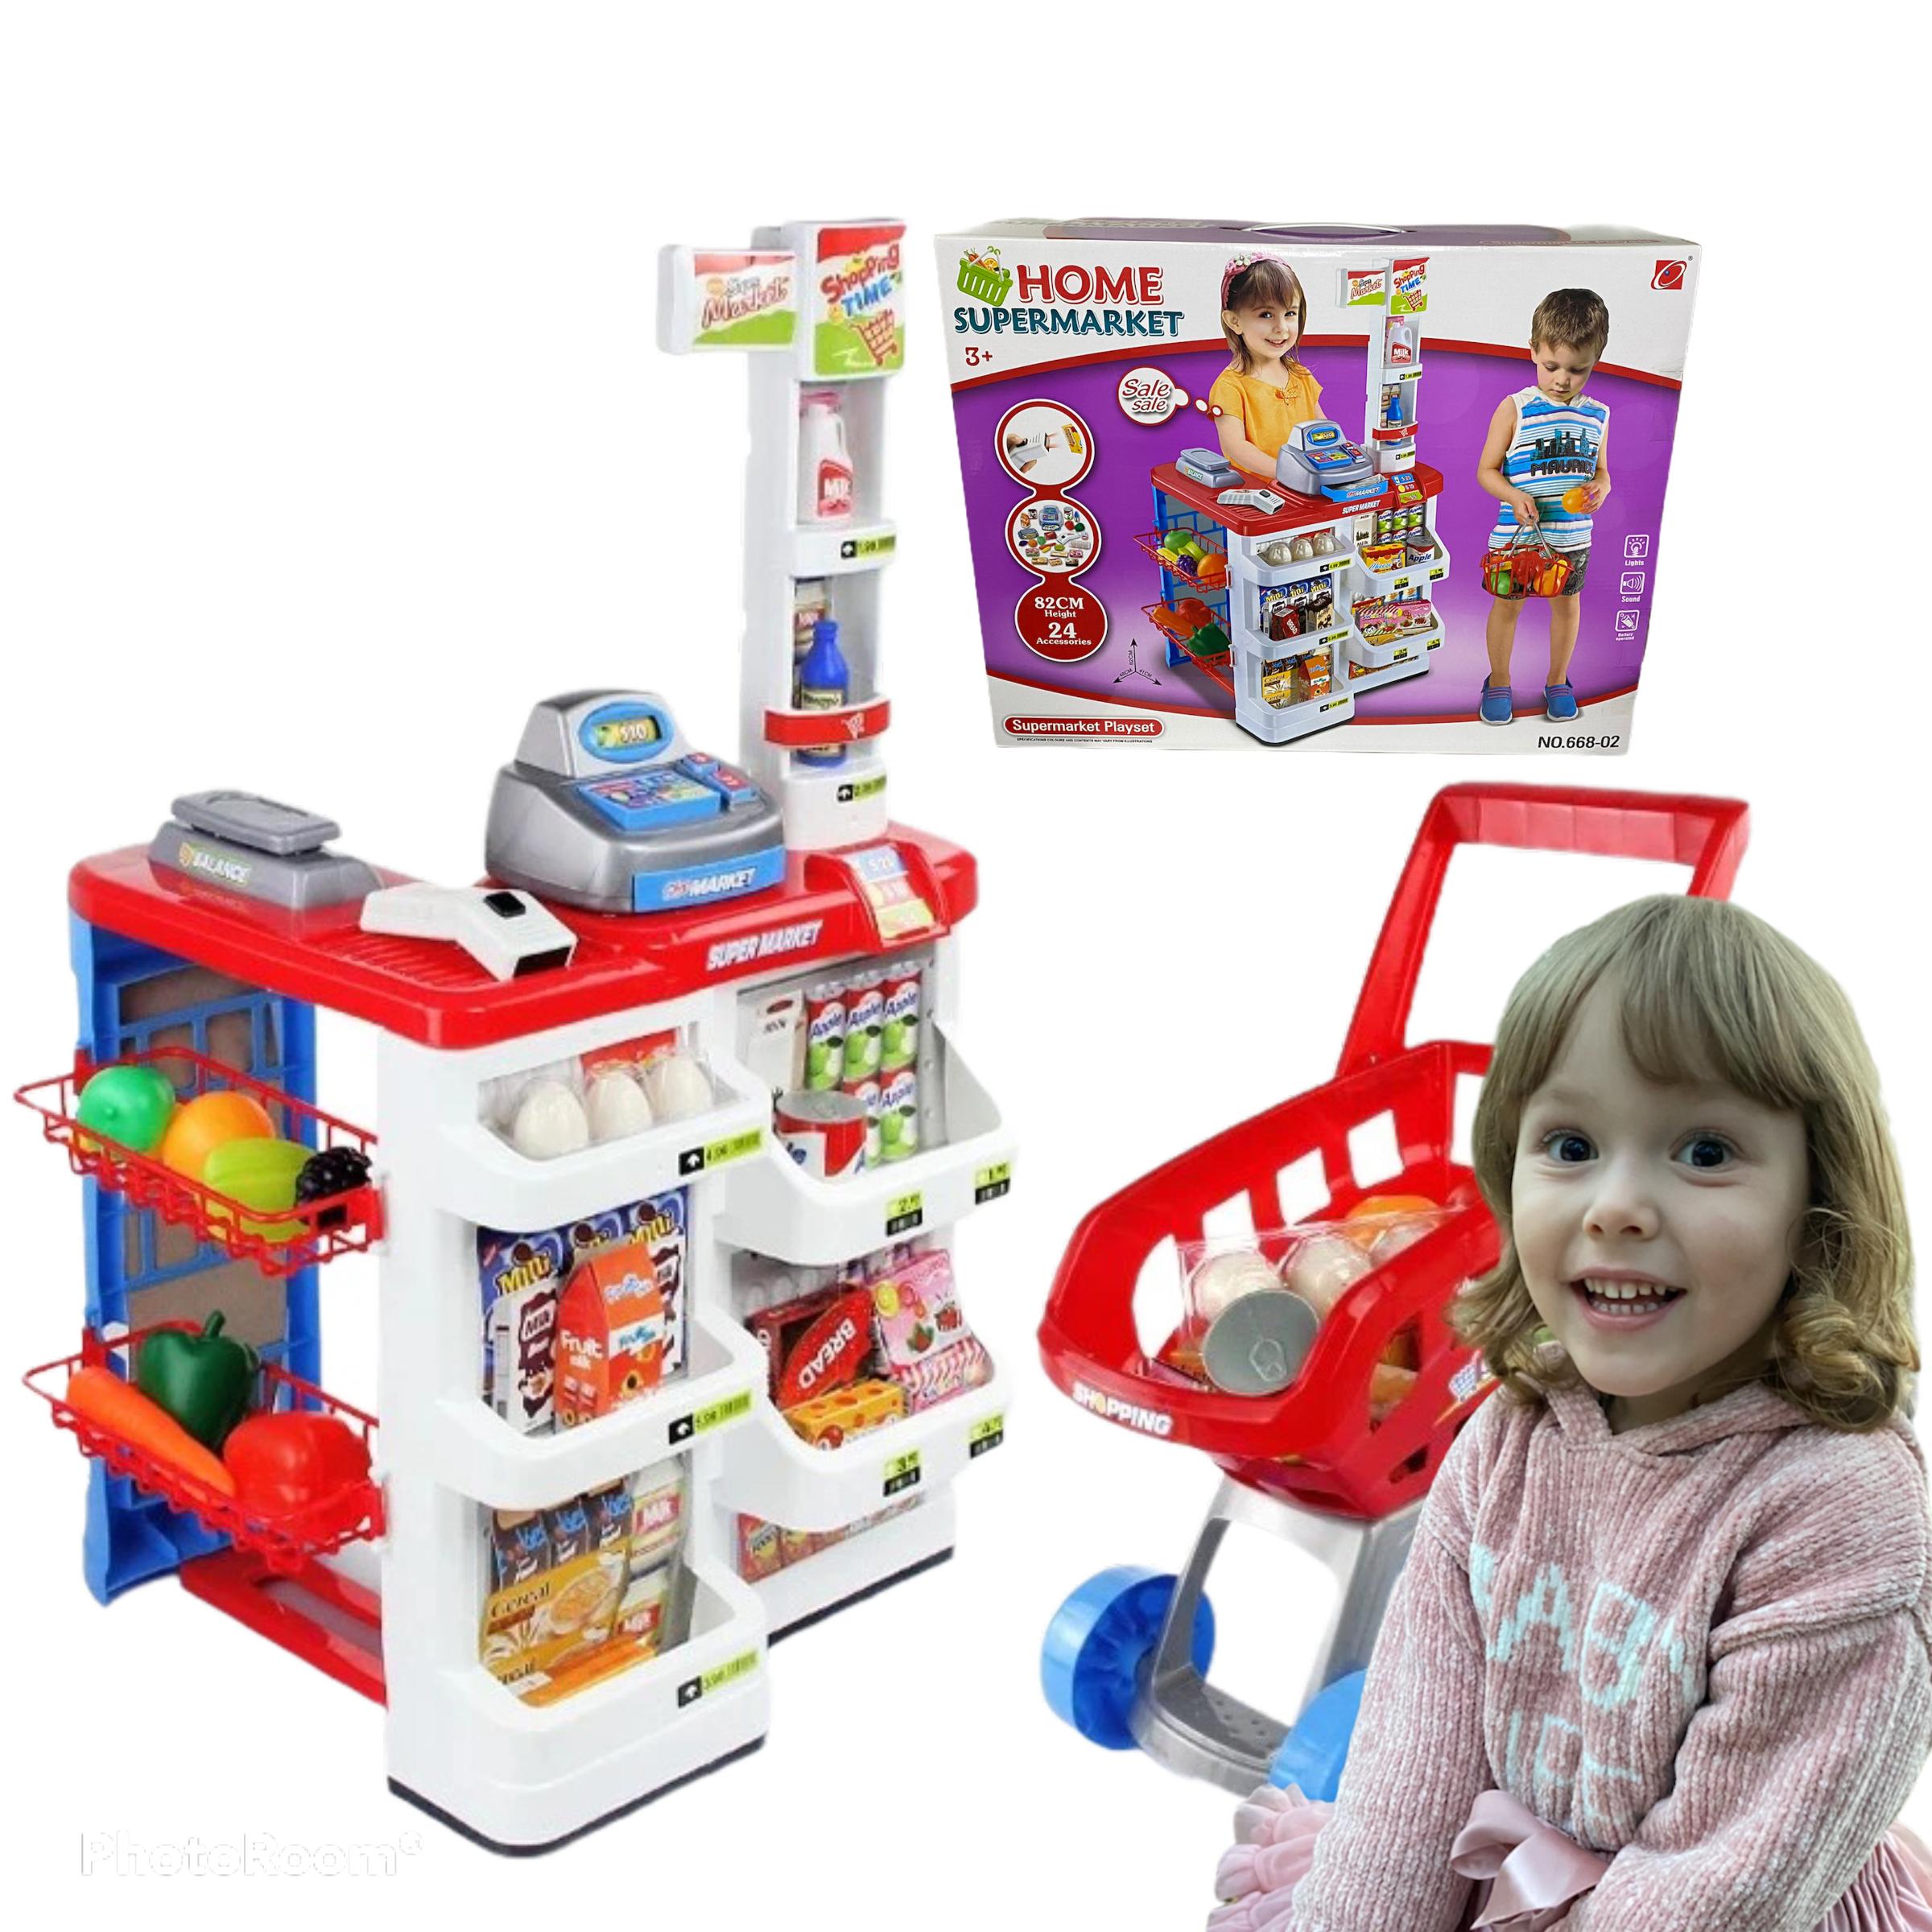 Supermarket Sklep dla Dzieci duży Stragan Koszyk